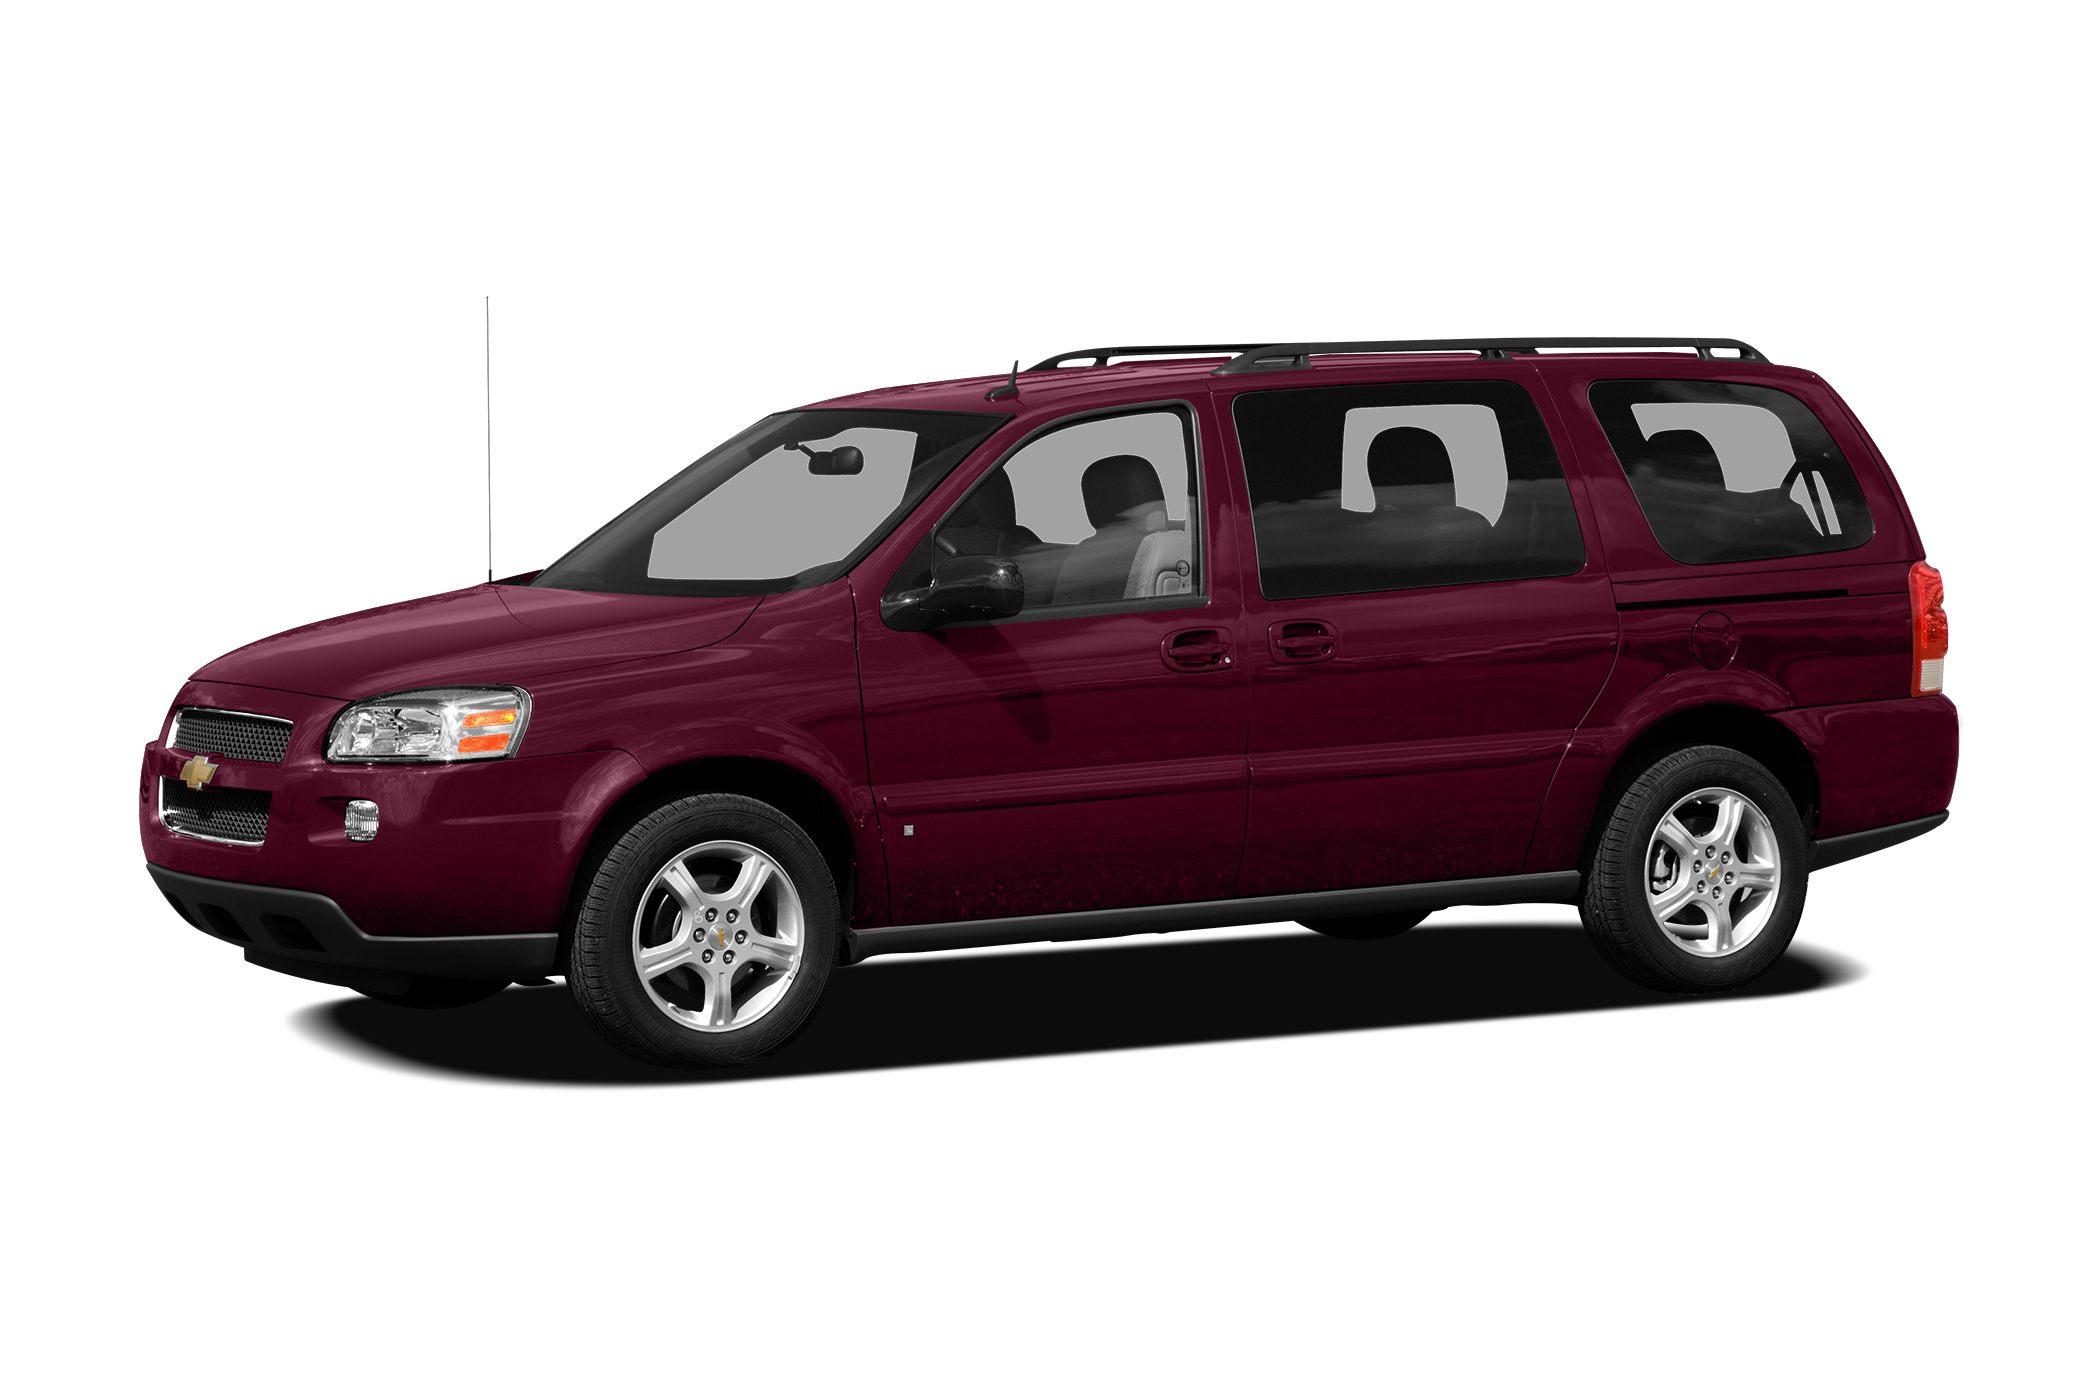 2007 Chevrolet Uplander LT Minivan for sale in New Philadelphia for $8,975 with 78,405 miles.